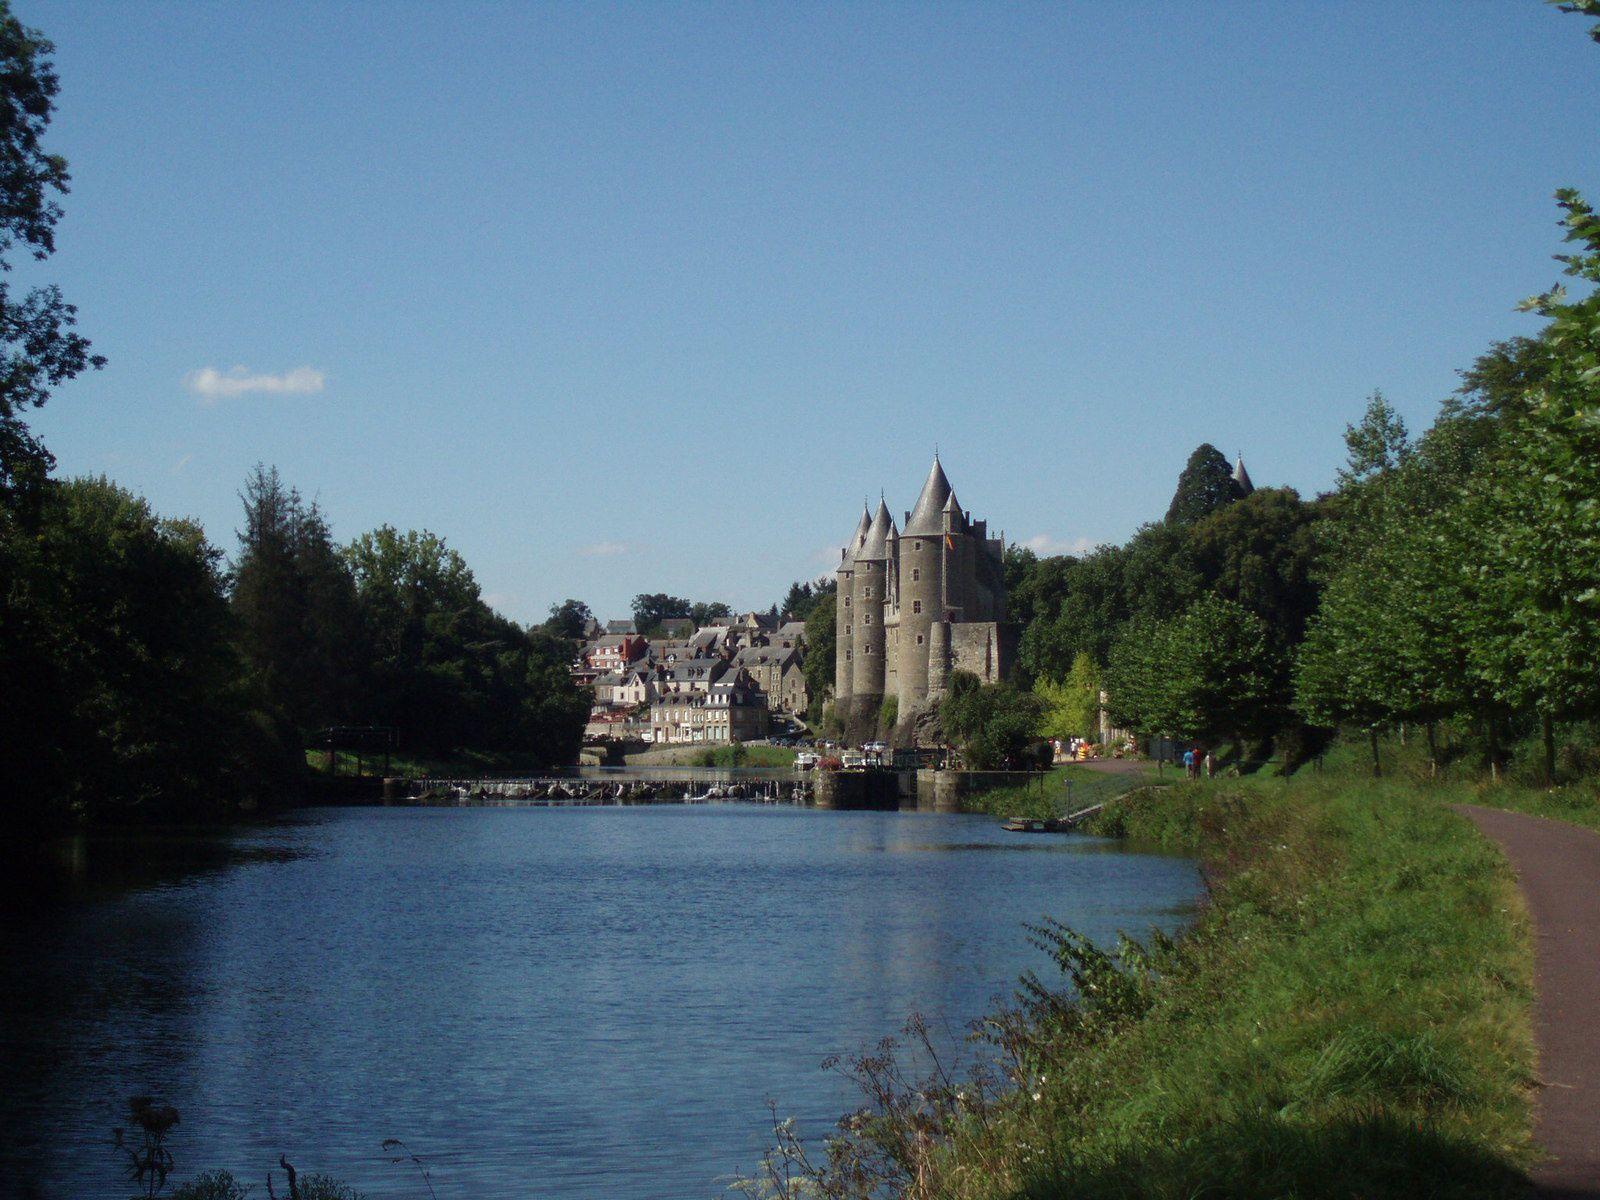 De rochefort à Vannes via le marais Poitevin et le canal de Nantes à Brest part 2